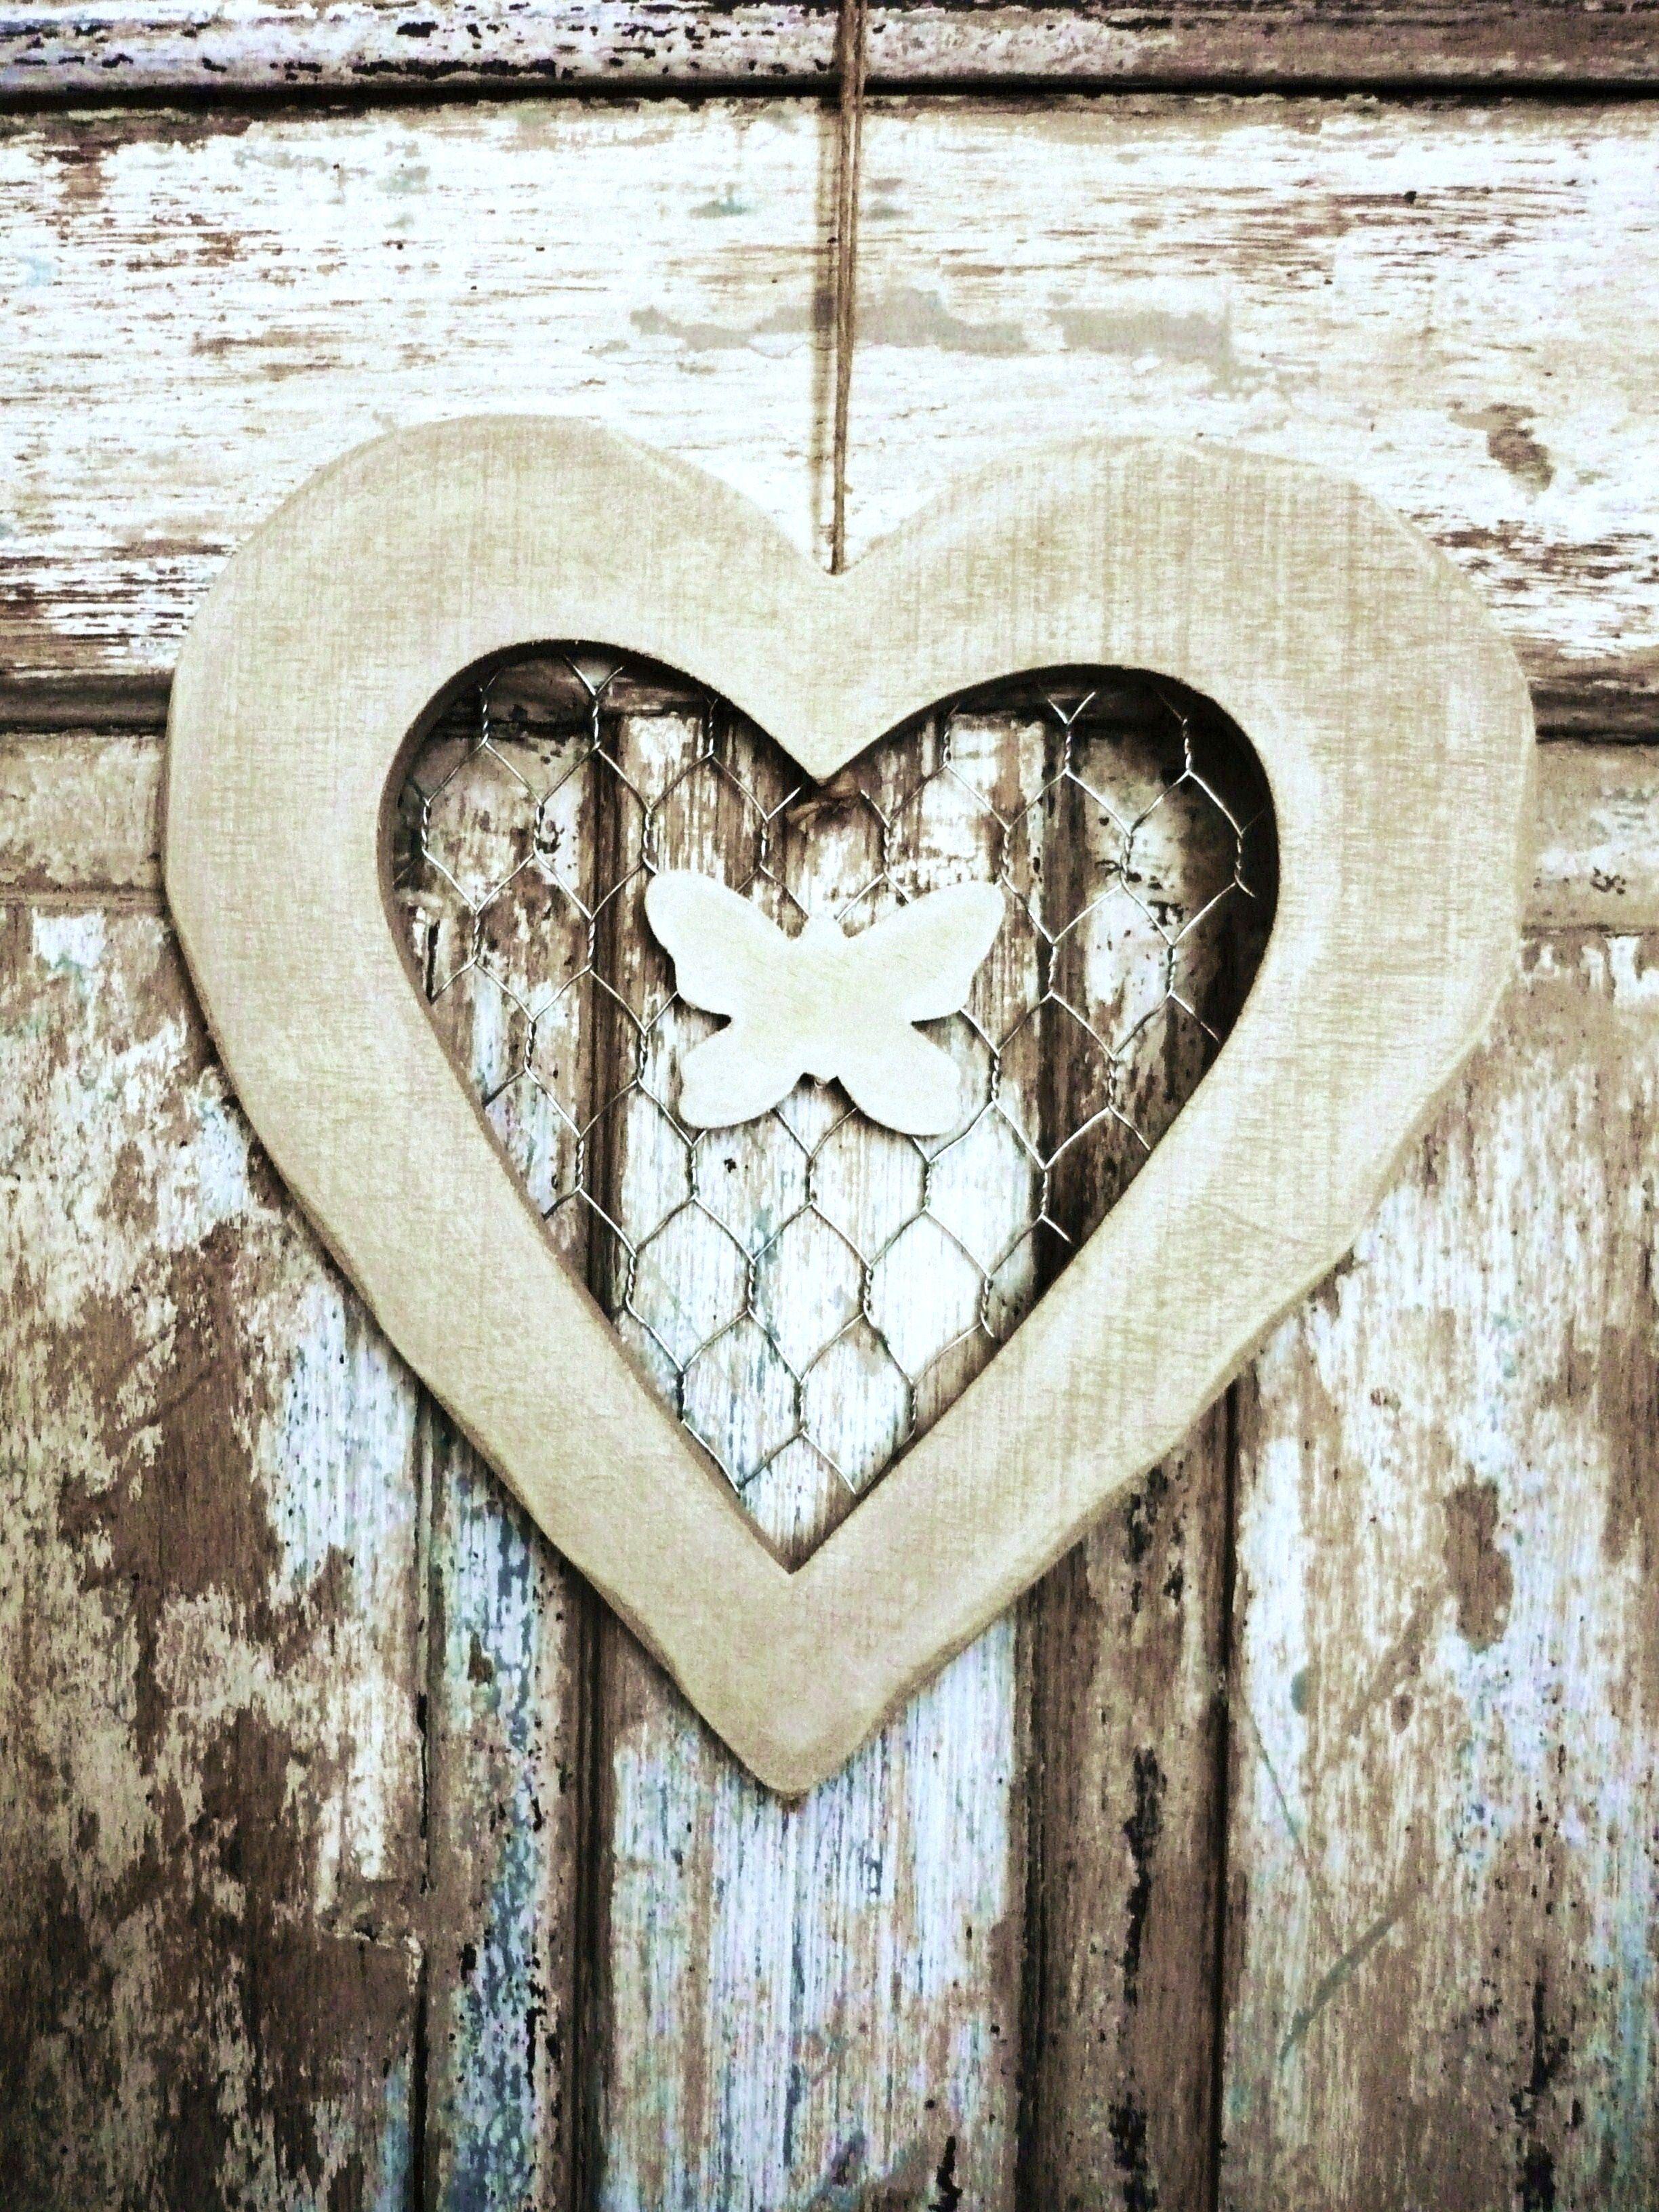 Chicken Wire Heart | Hearts♥ | Pinterest | Chicken wire, Chicken ...